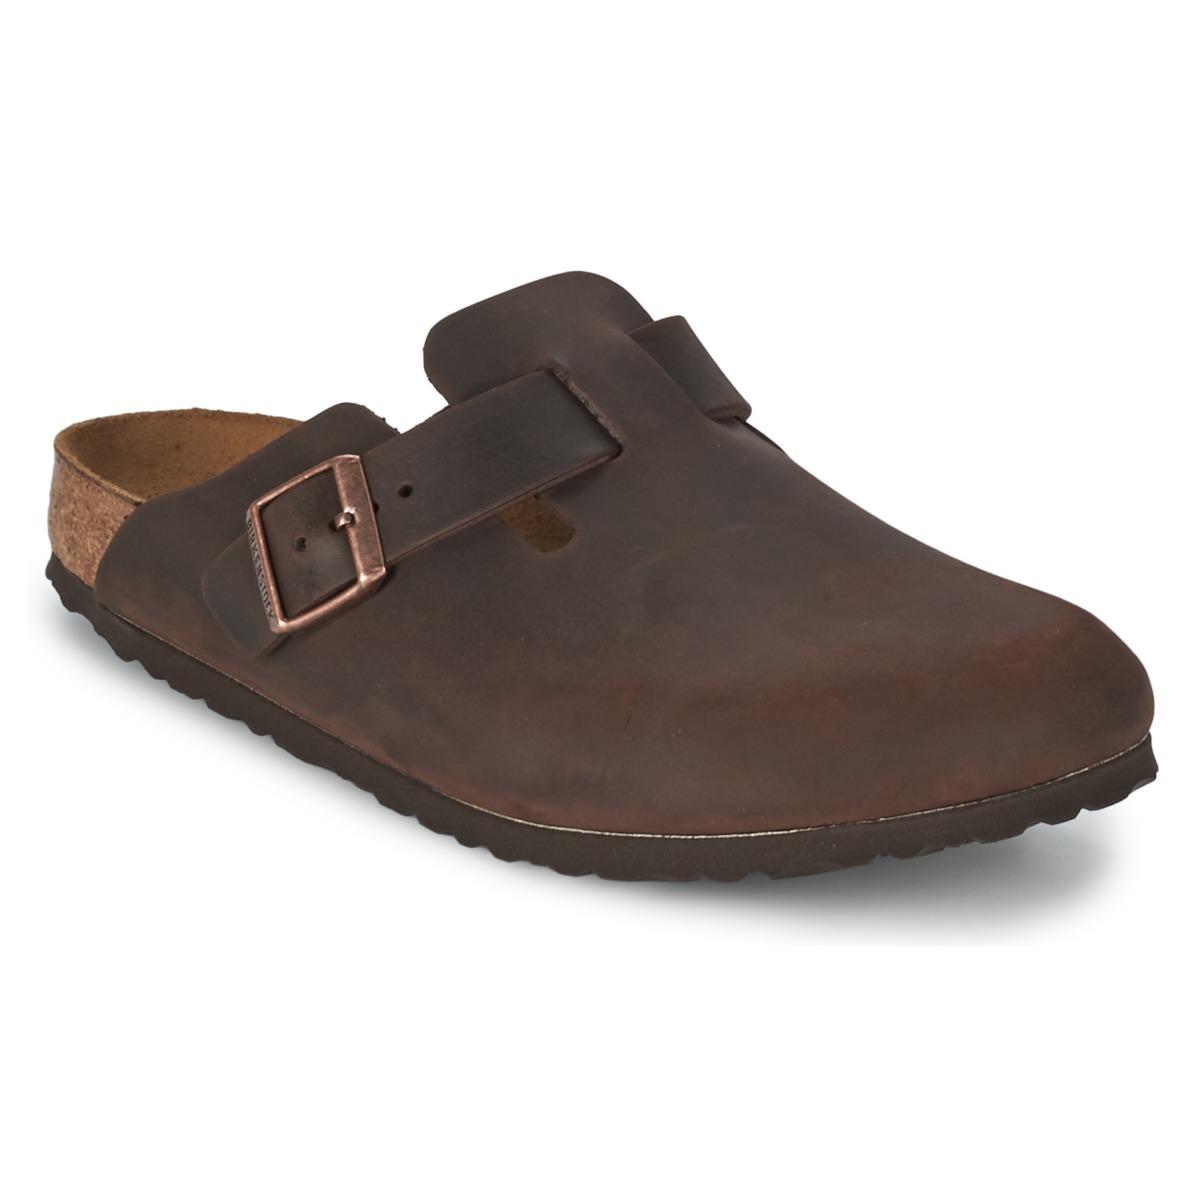 Mel ANKLE BOOTS Grau - Kostenloser Versand bei Spartoode ! - Schuhe Boots Damen 29,99 €